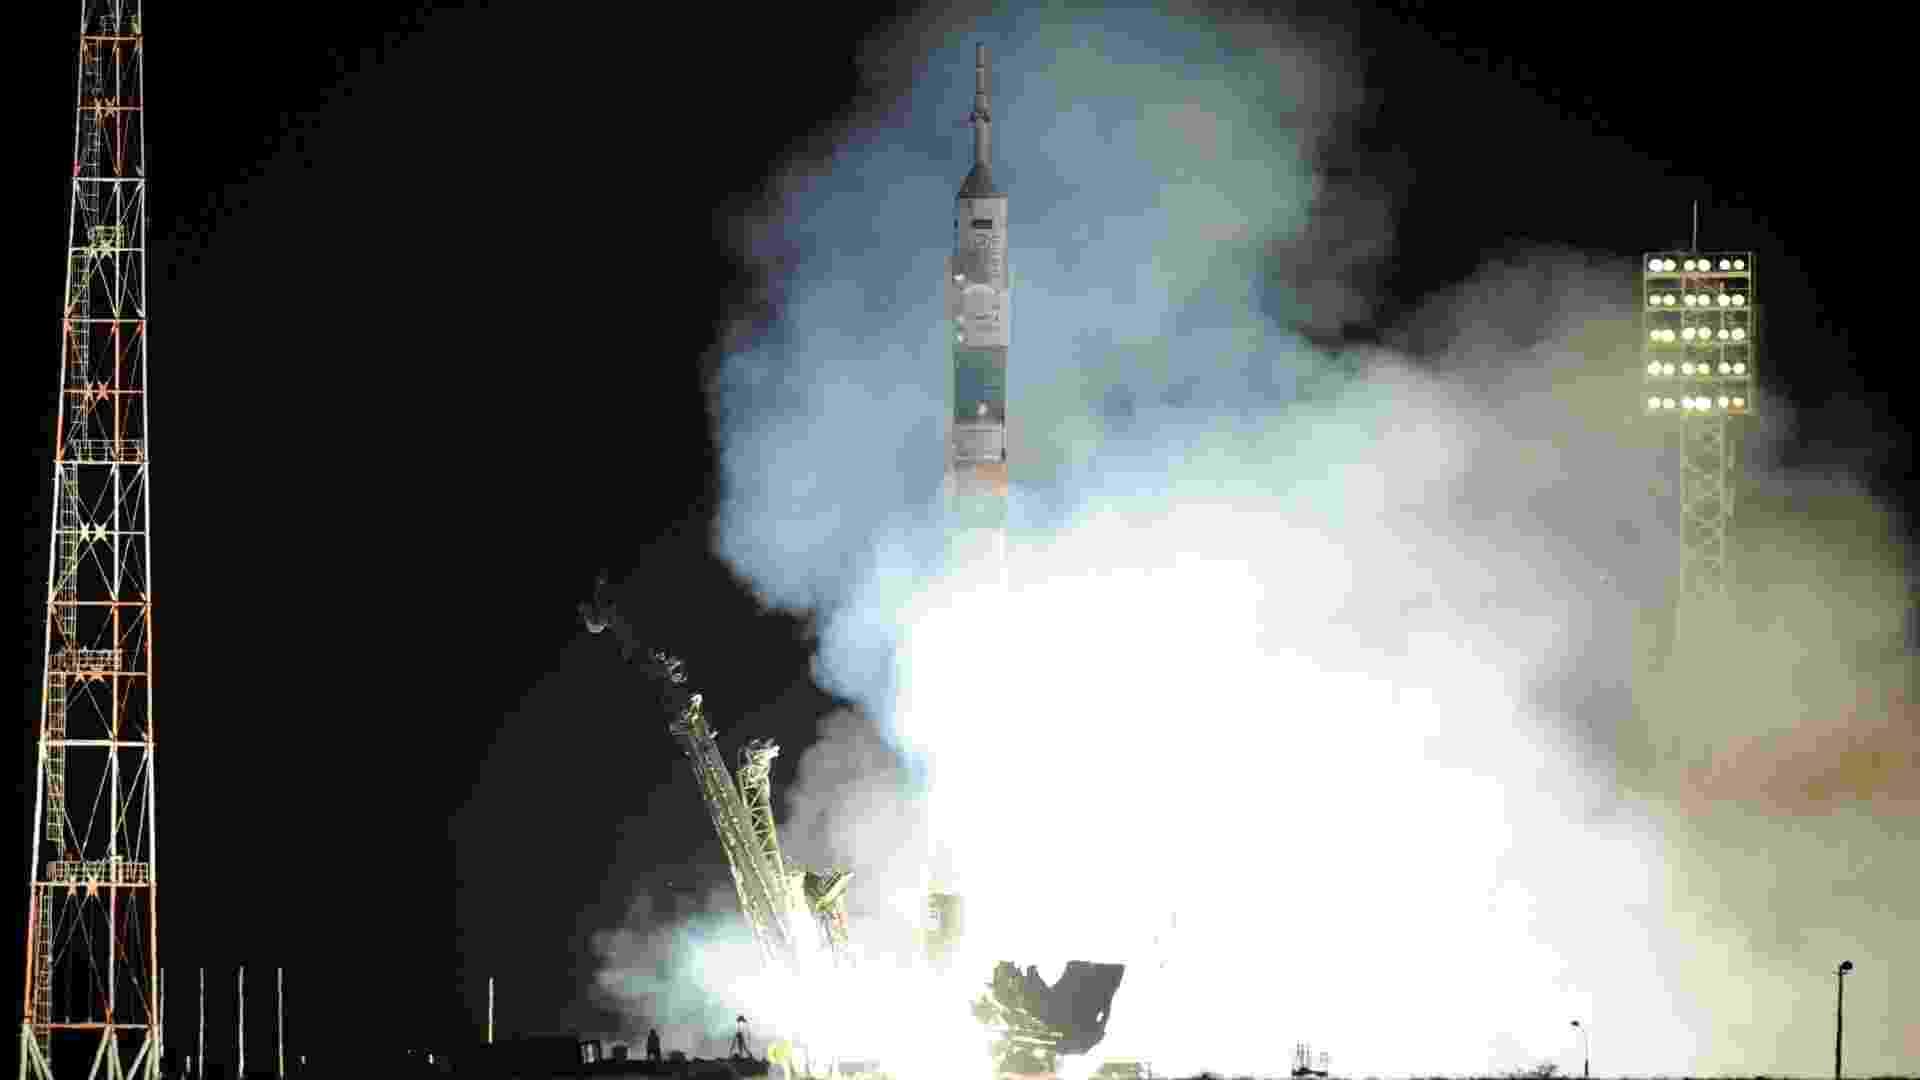 28.mai.2013 - A nave russa Soyuz é lançada com sucesso do Cosmódromo de Baikonur, no Cazaquistão, às 2h31 de quarta-feira - que corresponde às 17h31 de terça-feira, no fuso de Brasília. O foguete, que demorou nove minutos para atingir a órbita da Terra, deve atracar em cerca de seis horas na Estação Espacial Internacional (ISS, na sigla em inglês) com três astronautas a bordo - Kirill Kudryavtsev/Reuters